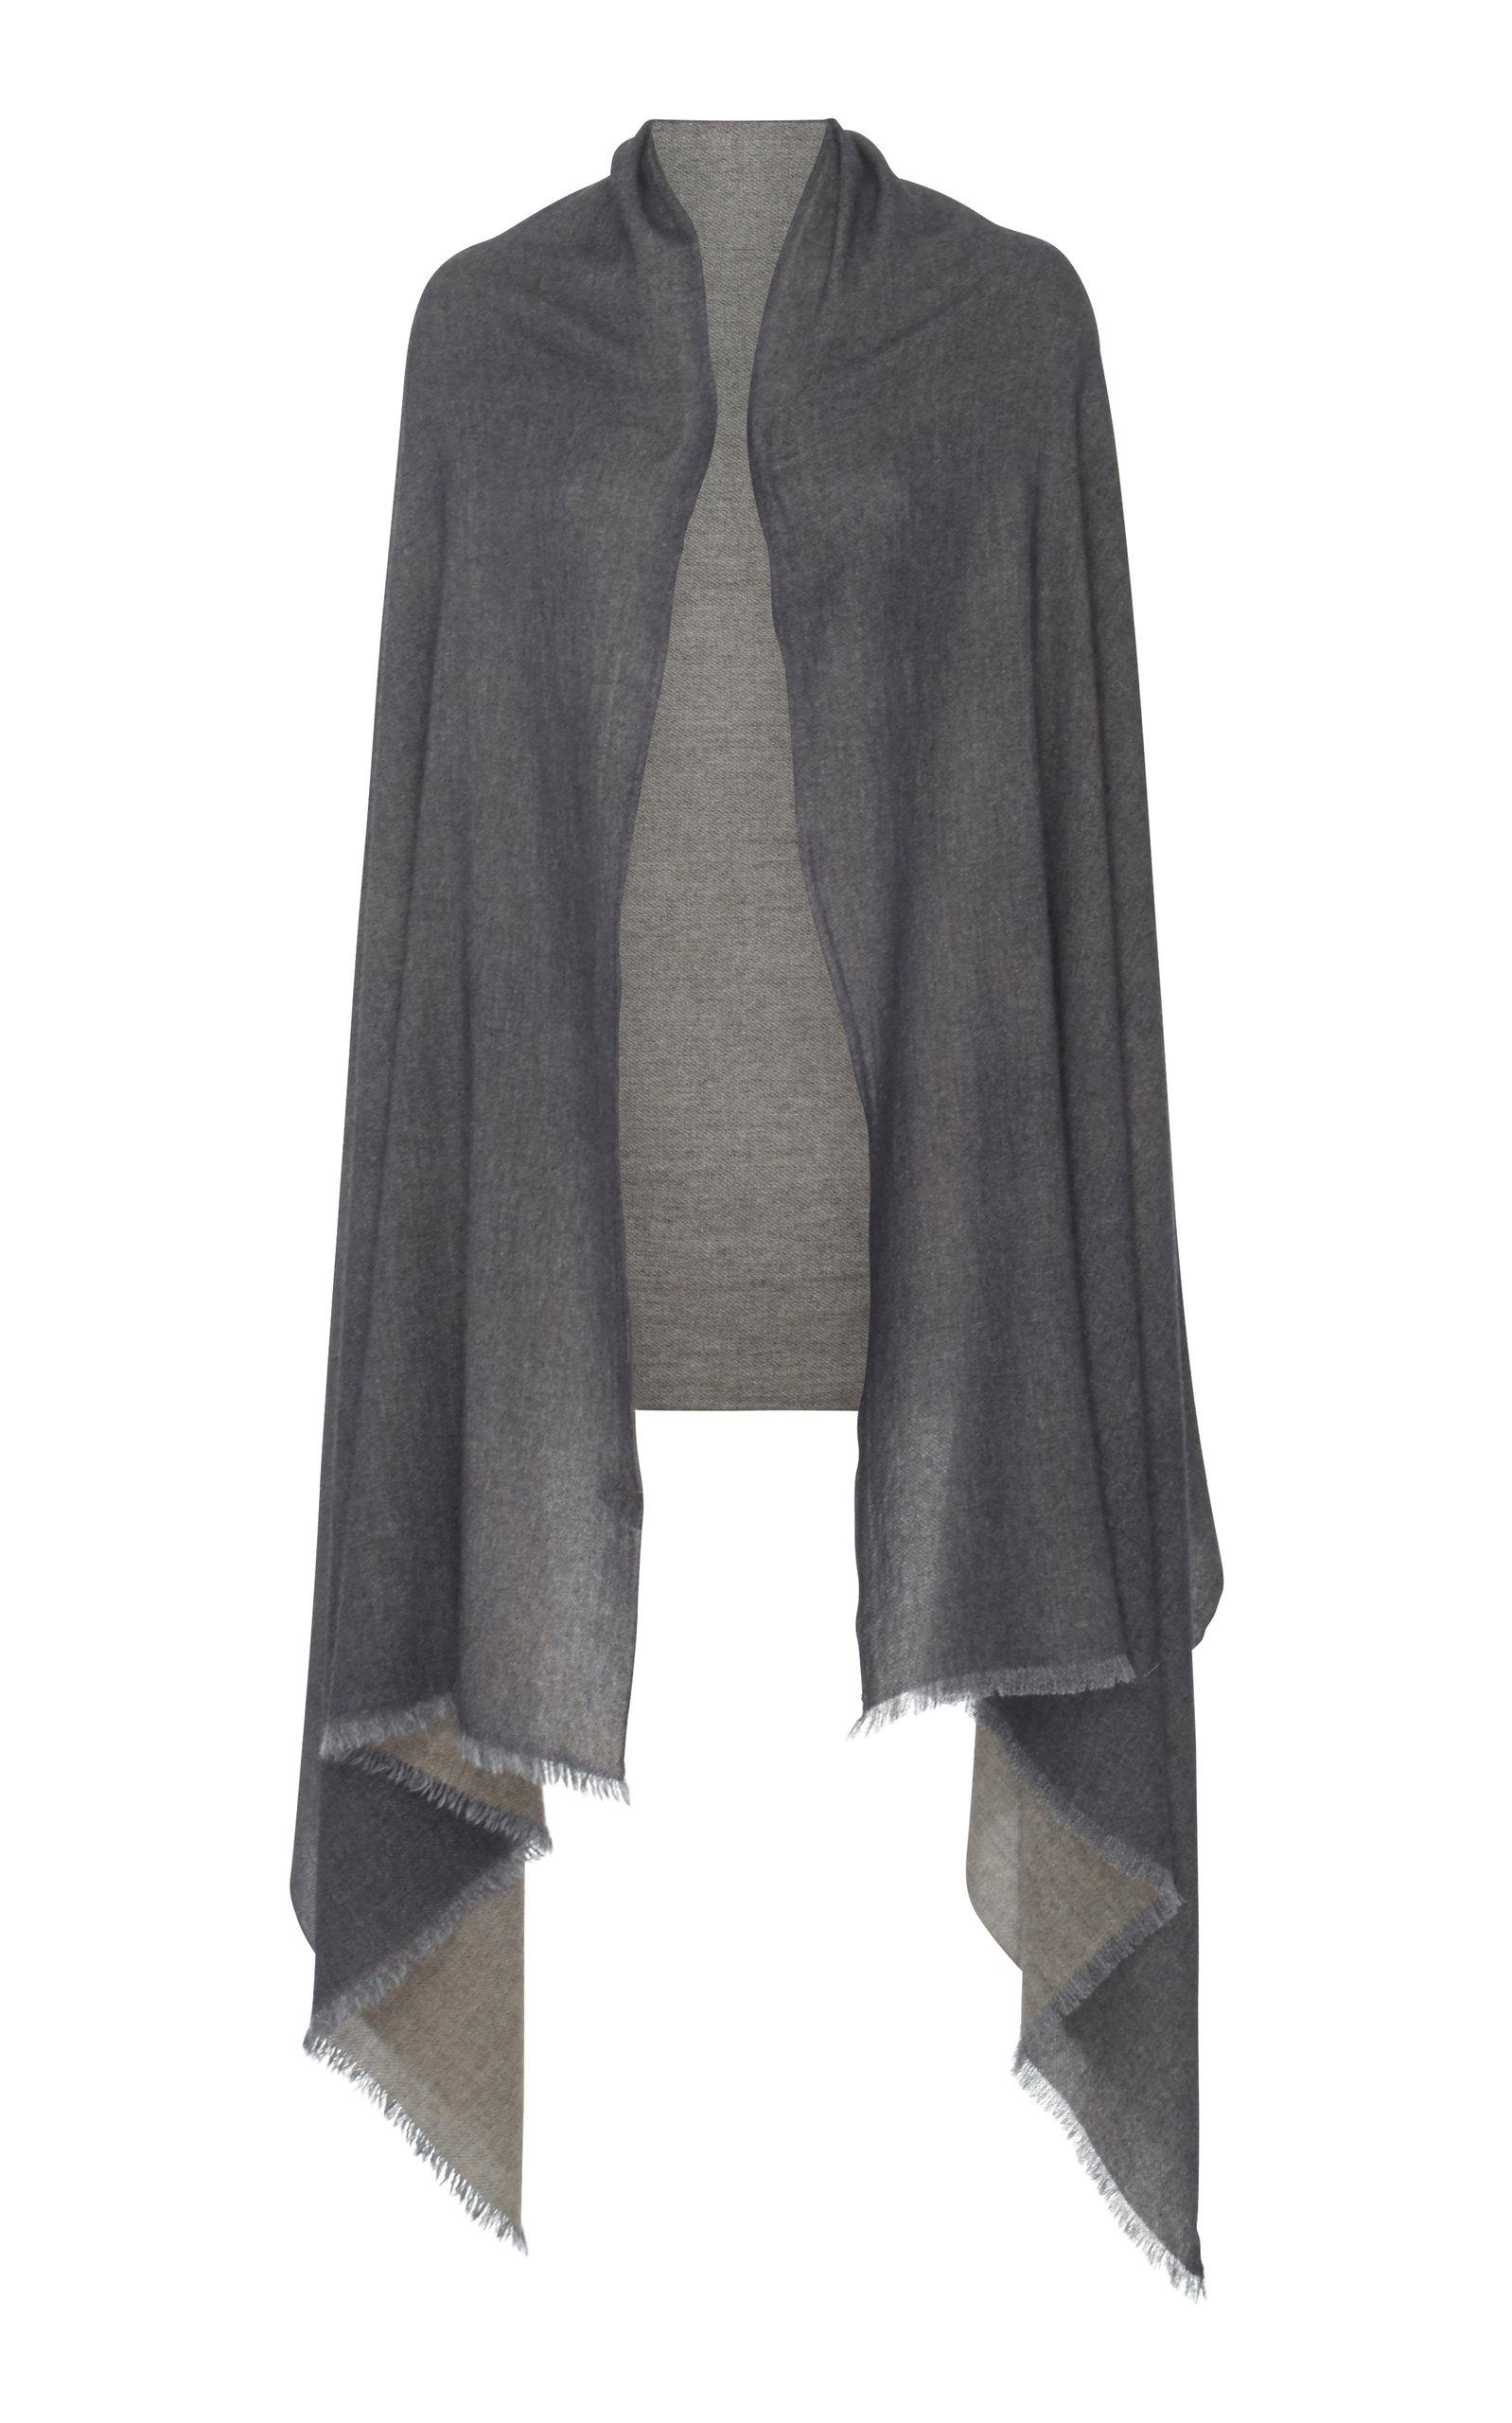 LANIFICIO ARCA Two-Tone Cashmere Wrap in Grey